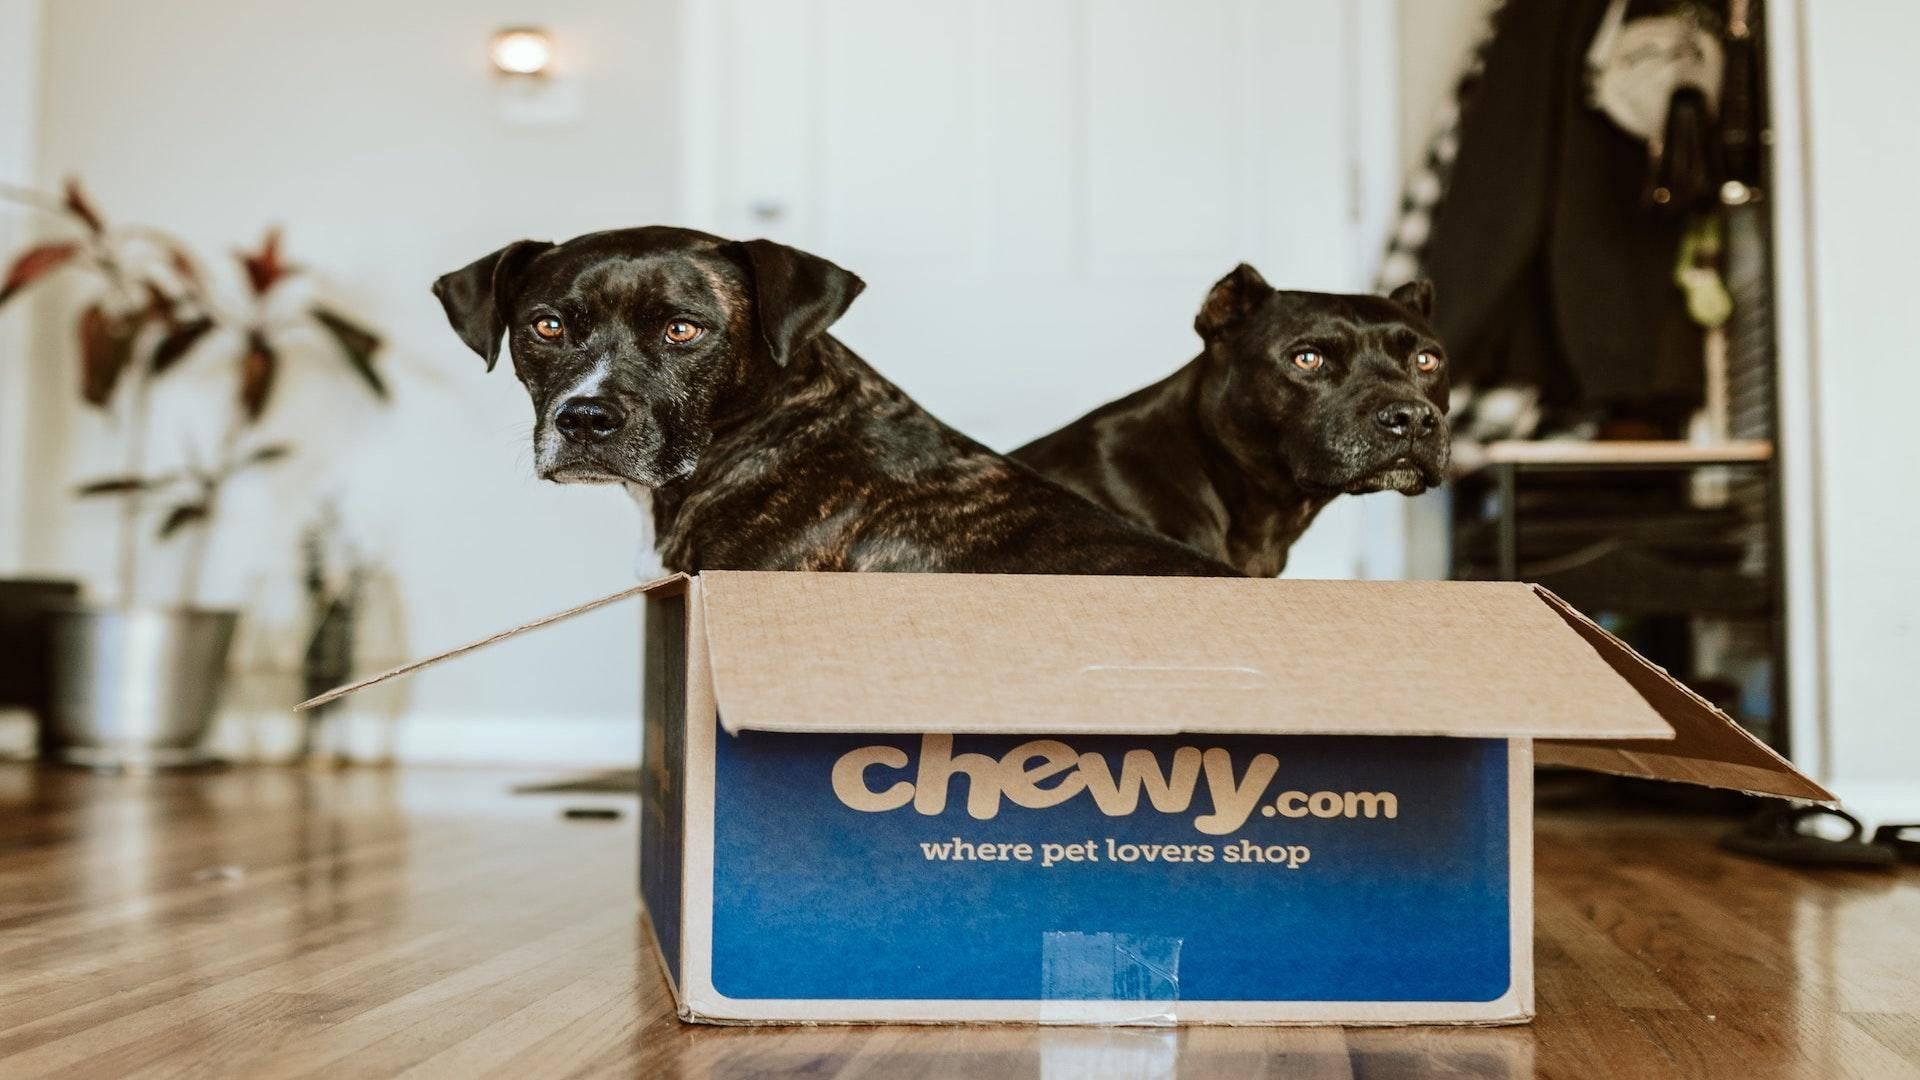 【亿欧智库】无出其右,宠物电商佼佼者——Chewy 案例研究